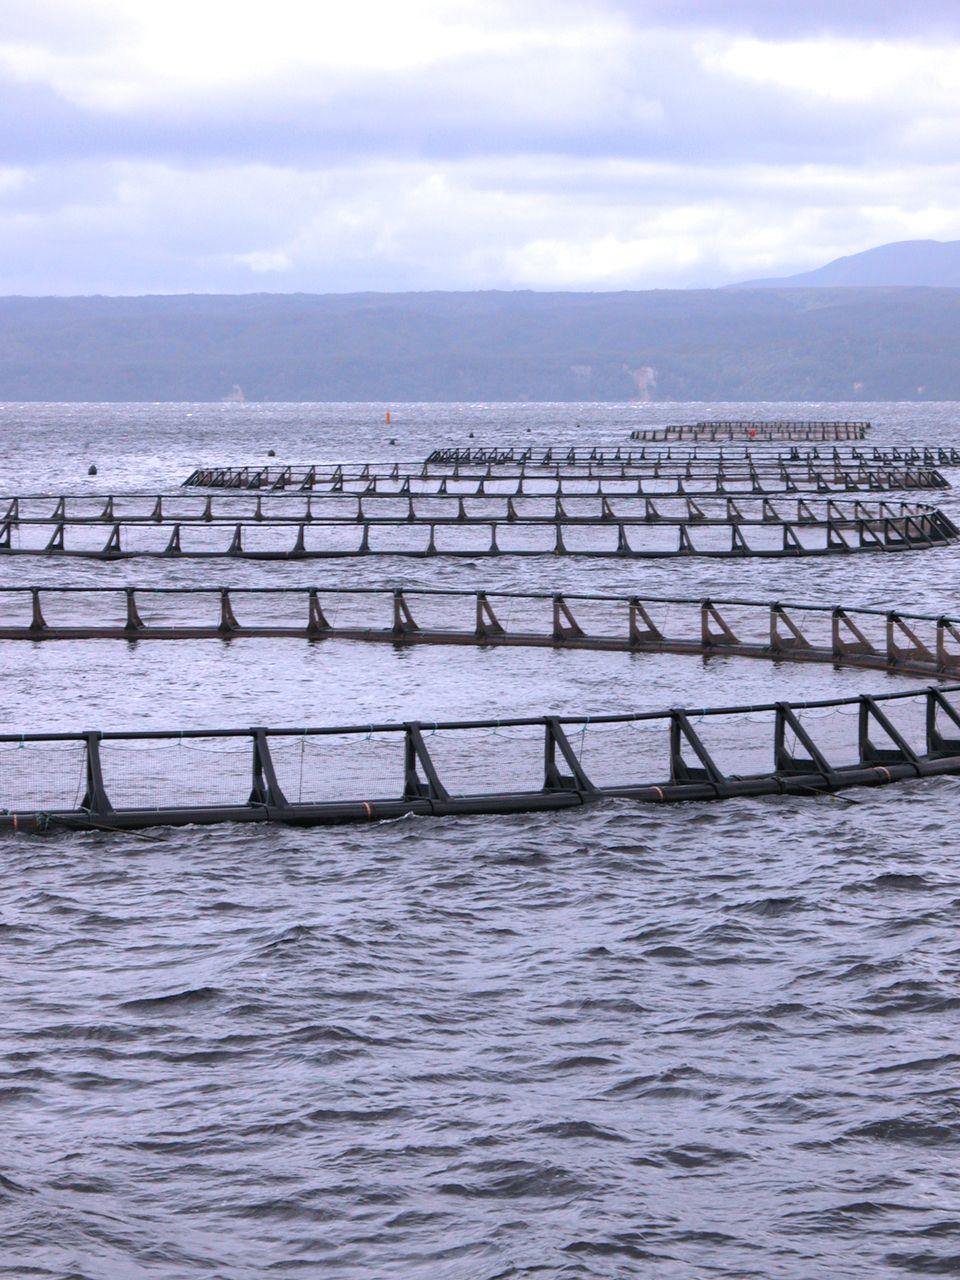 Ferme à saumon écossaise. [Fotolia]